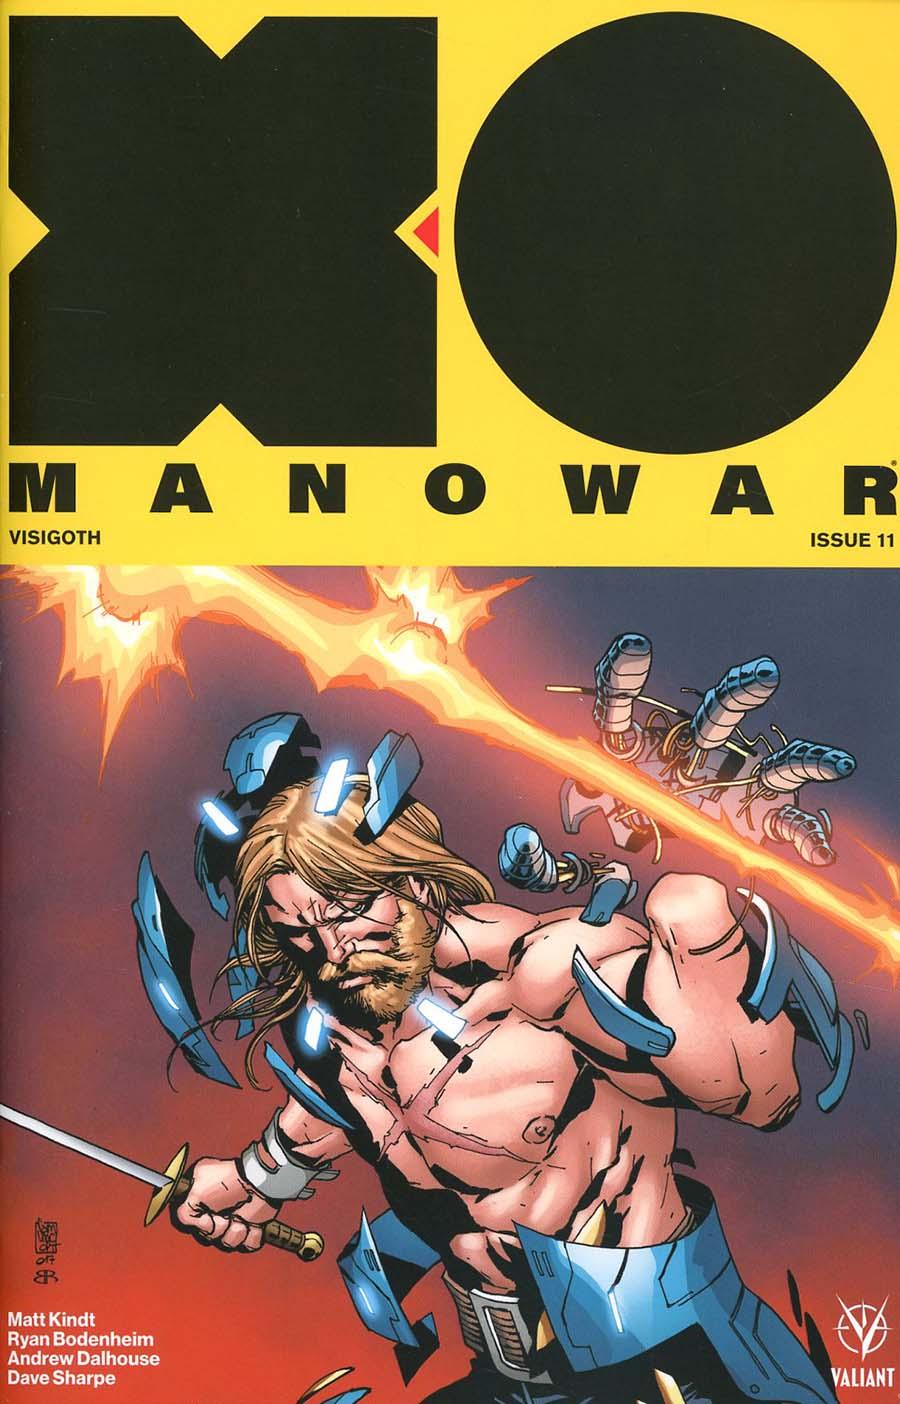 X-O Manowar Vol 4 #11 Cover B Variant Giuseppe Camuncoli Cover